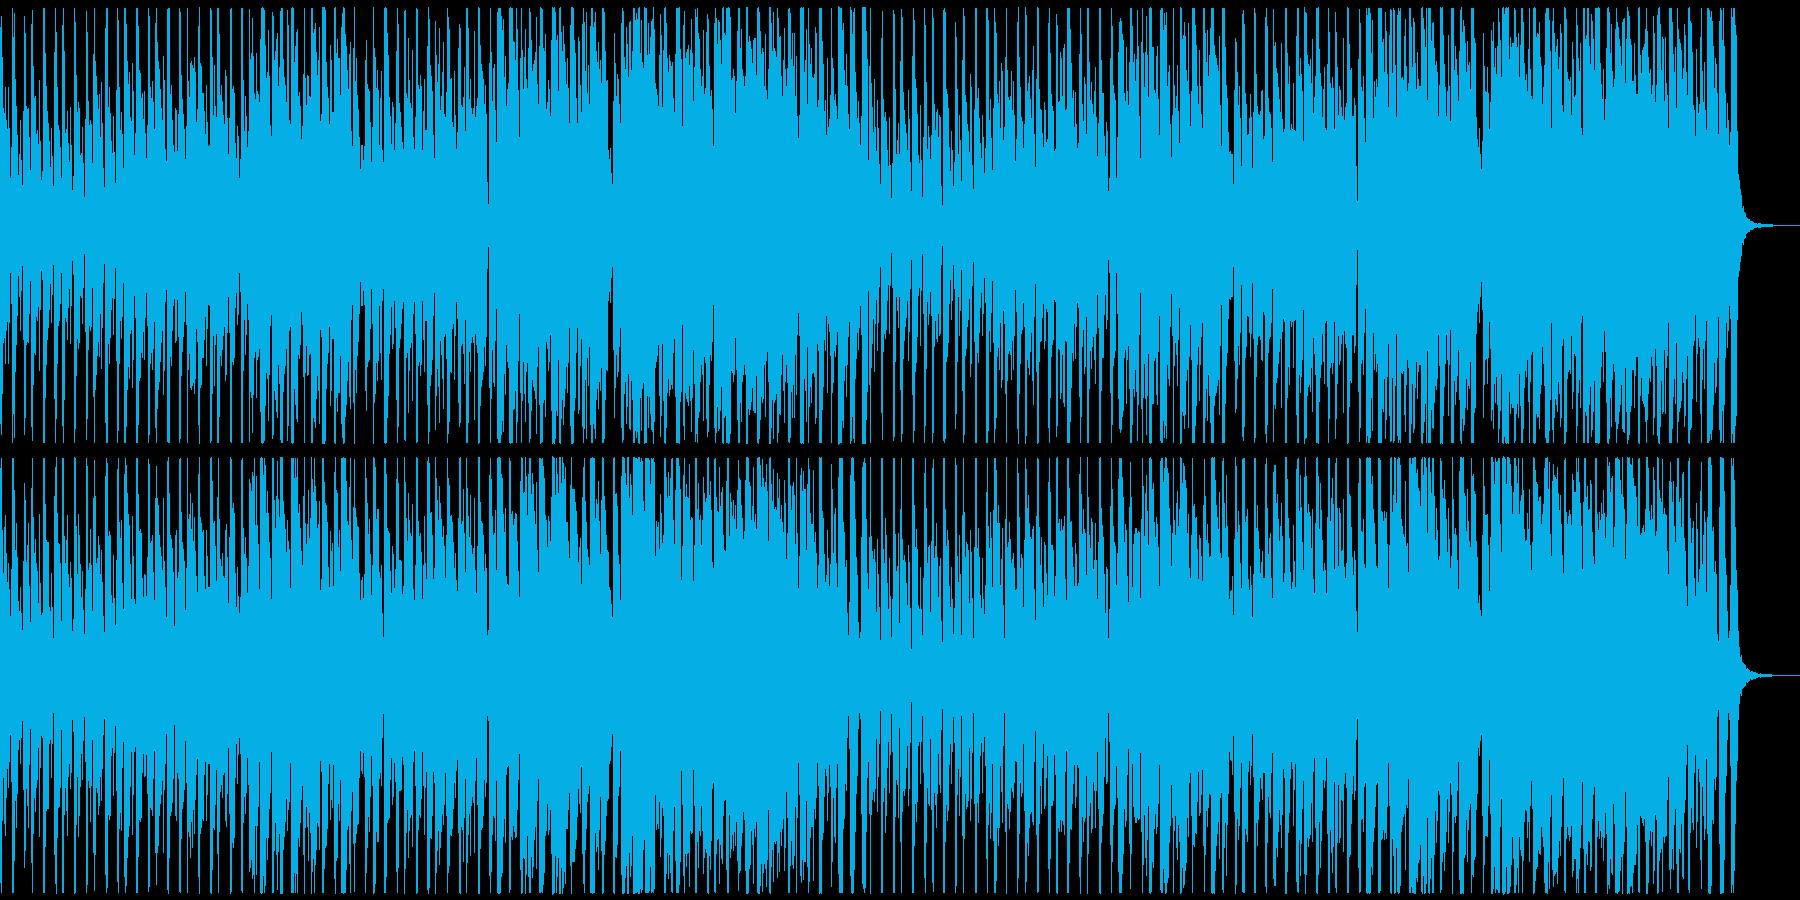 緊迫感のあるタンゴ調BGMの再生済みの波形